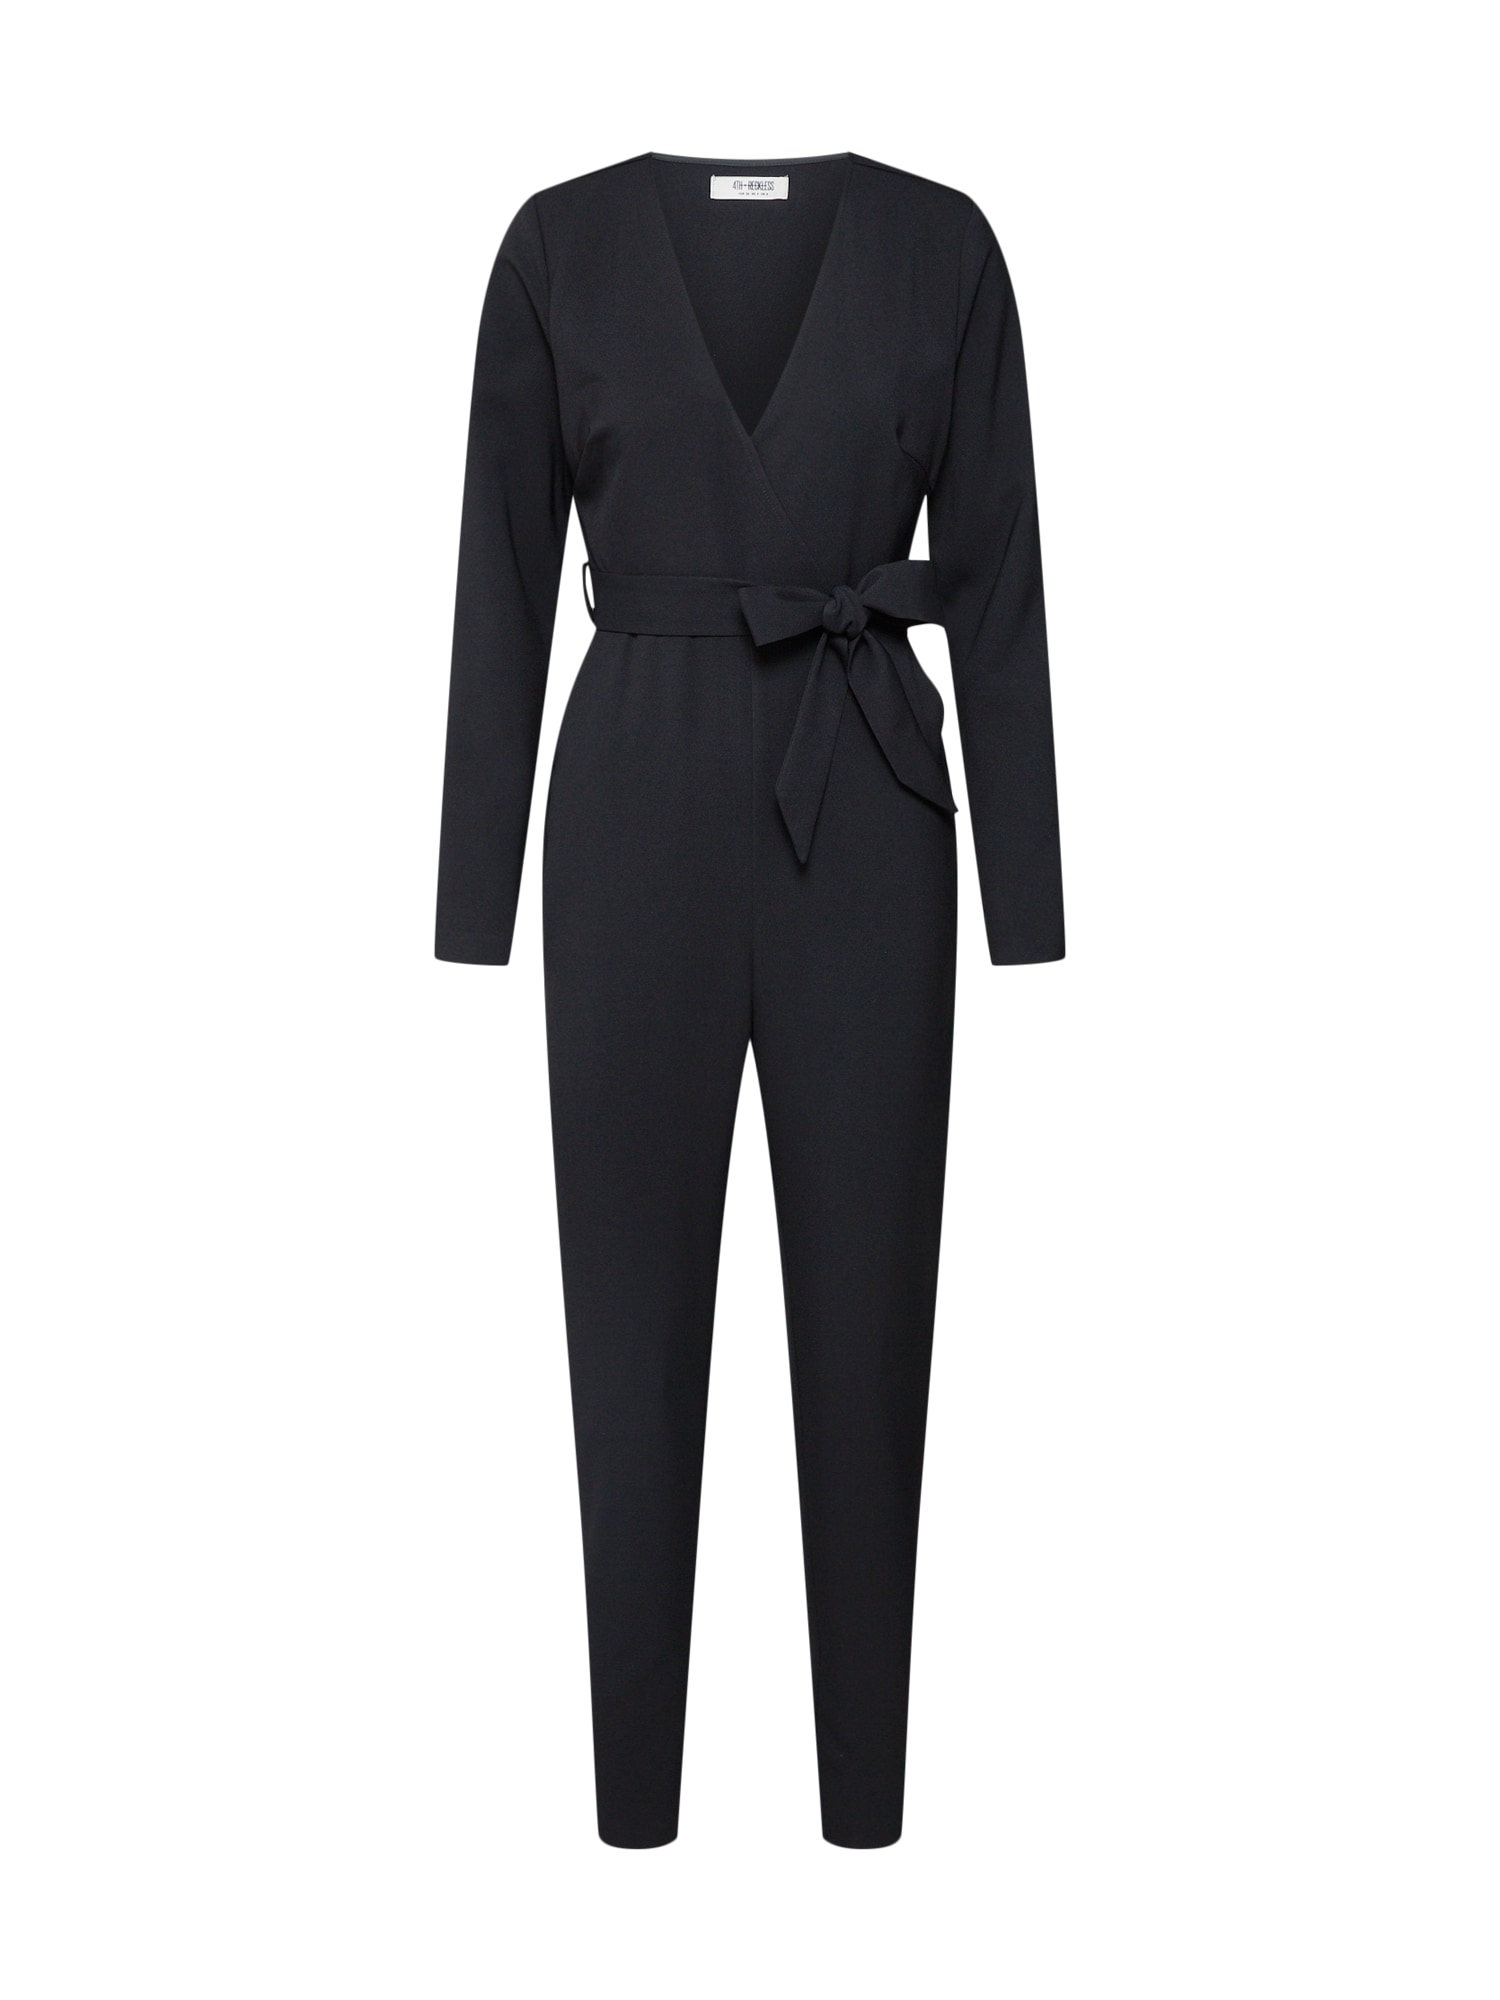 4th & Reckless, Dames Jumpsuit 'BLAIR', zwart